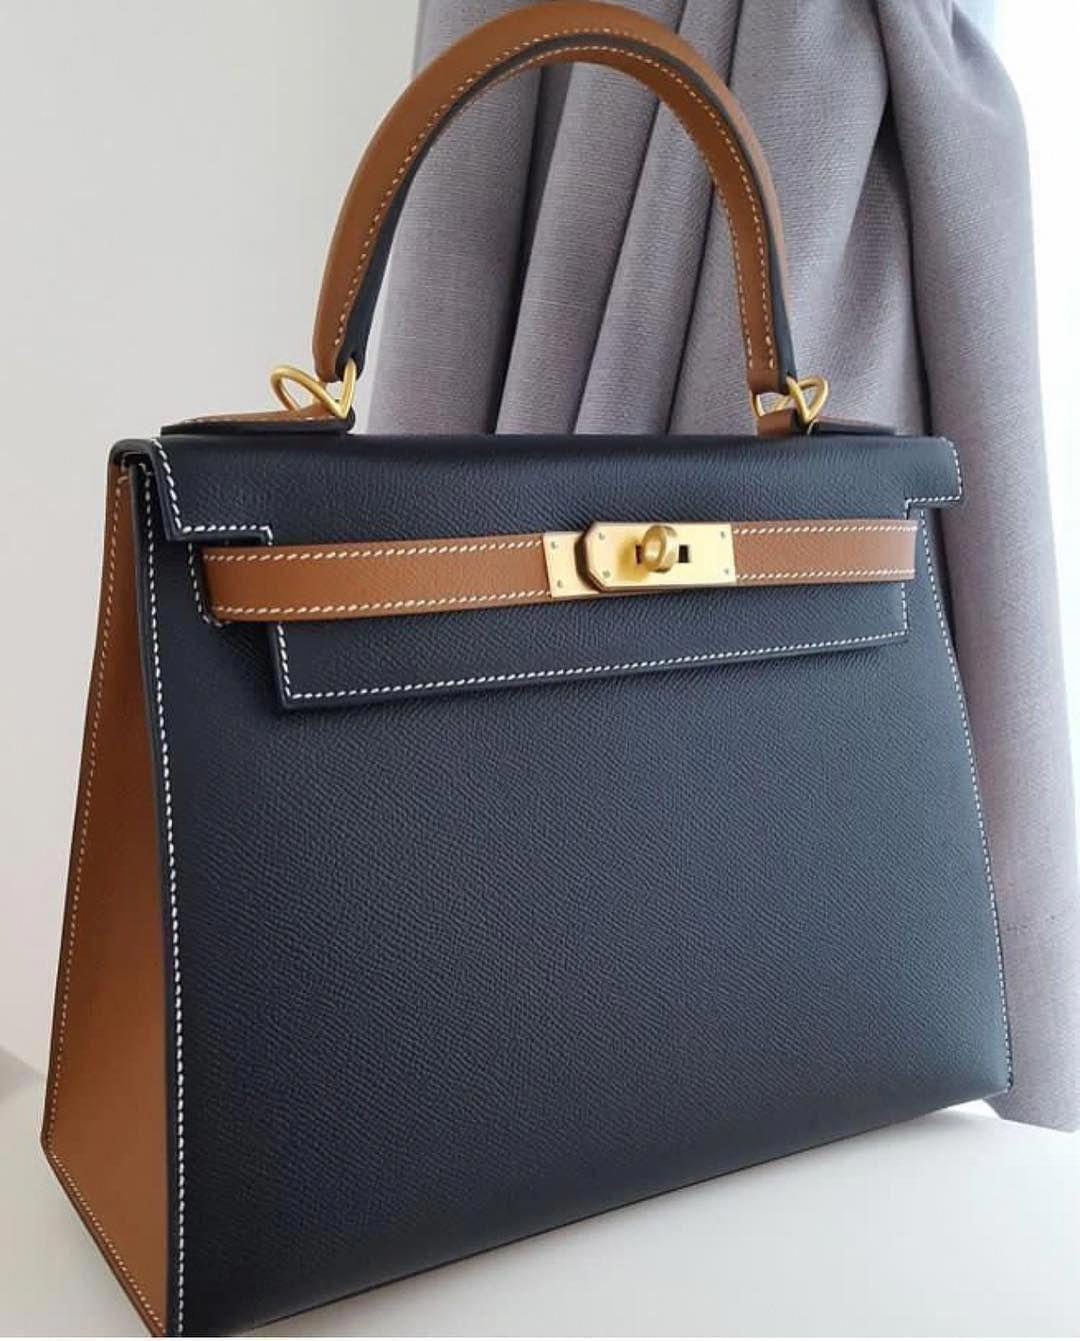 cdbd93959137 Hermes Kelly 28 Sellier HSS Black   Gold Epsom Ghw A  Hermeshandbags ...